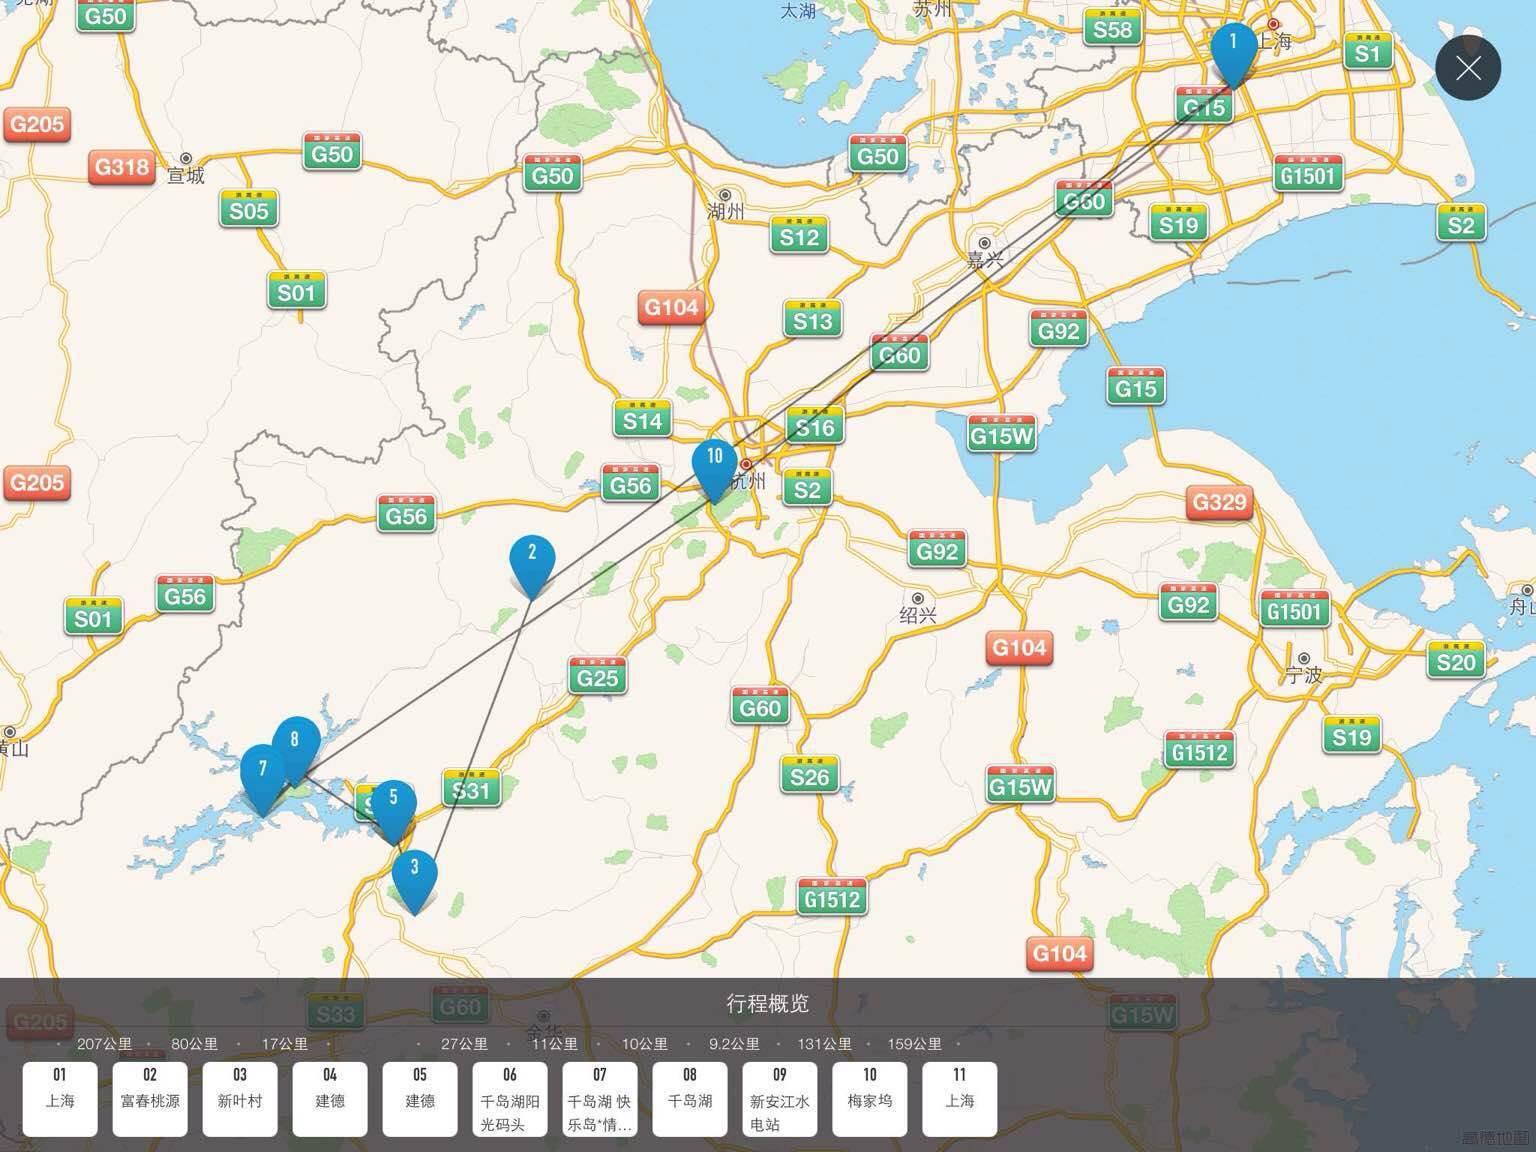 「爸爸去哪儿」新叶古村61千岛湖 - 杭州游记攻略